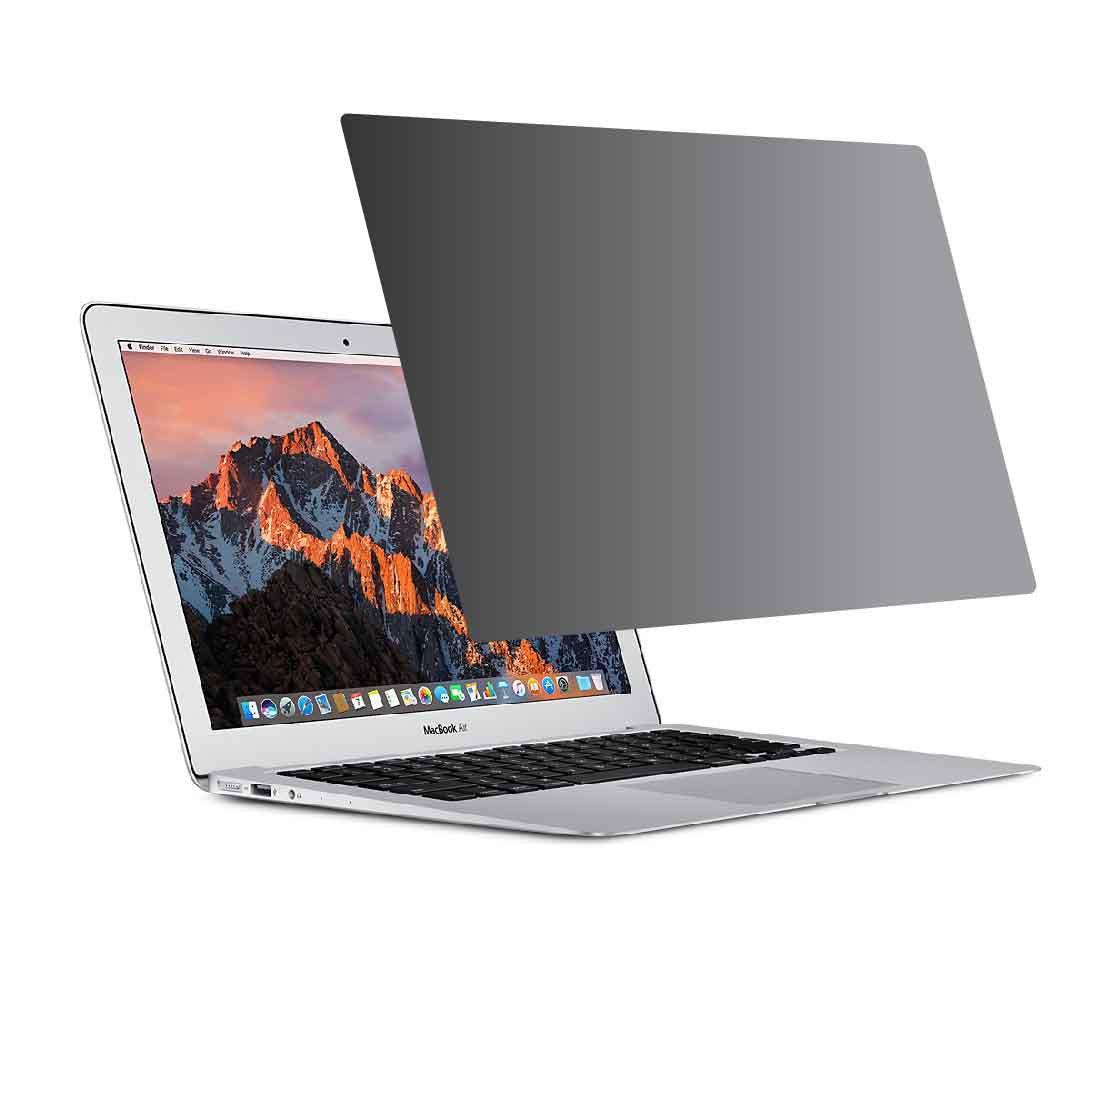 Macbook Model Number